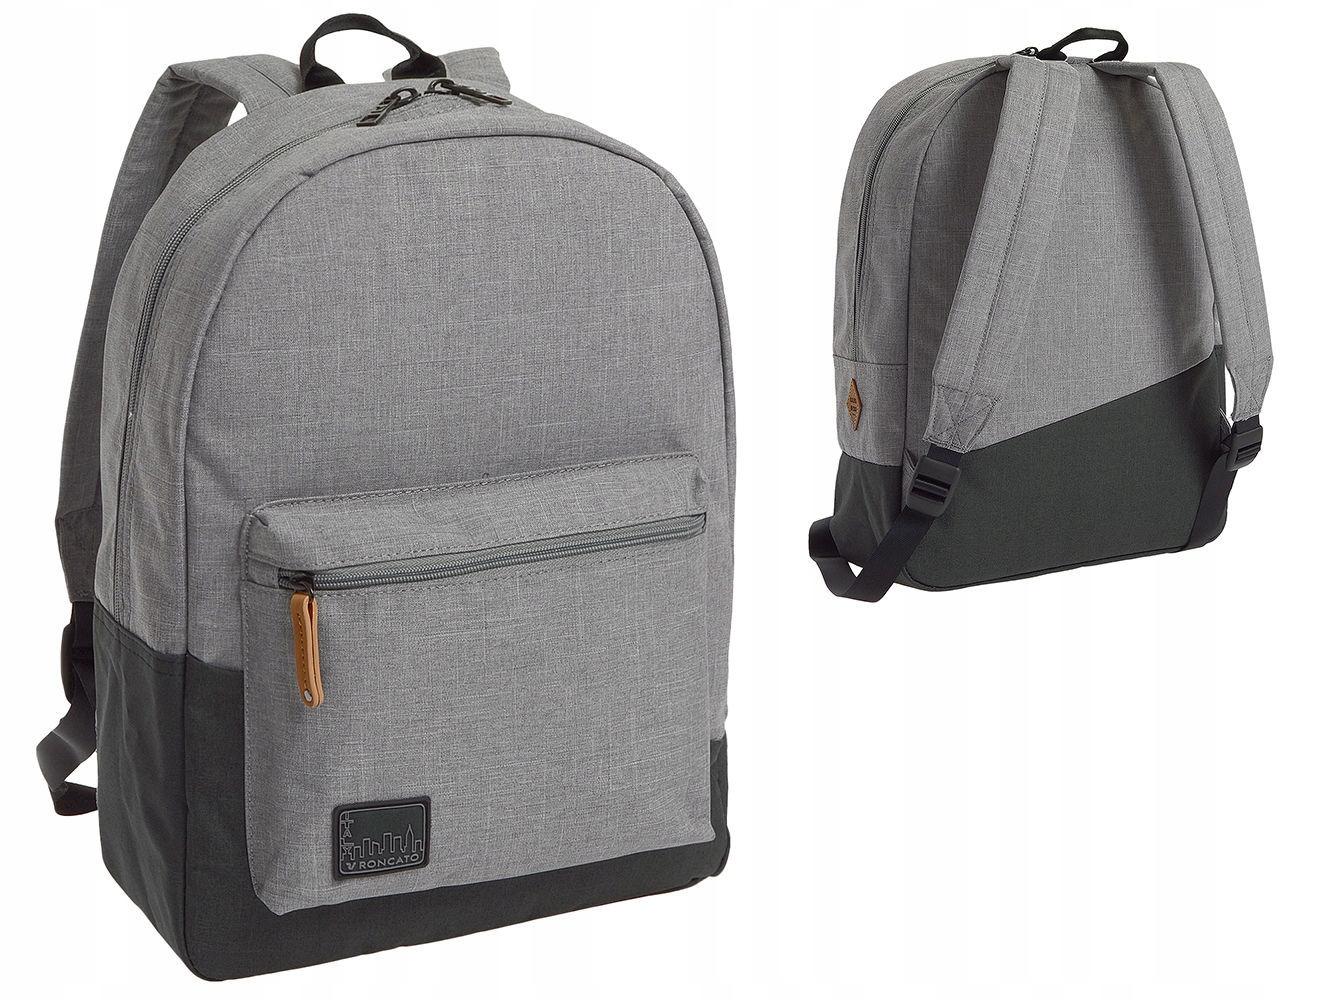 27f8af59f1e44 Roncato Adventure plecak na laptop 15,6 /24h - 7219803003 ...